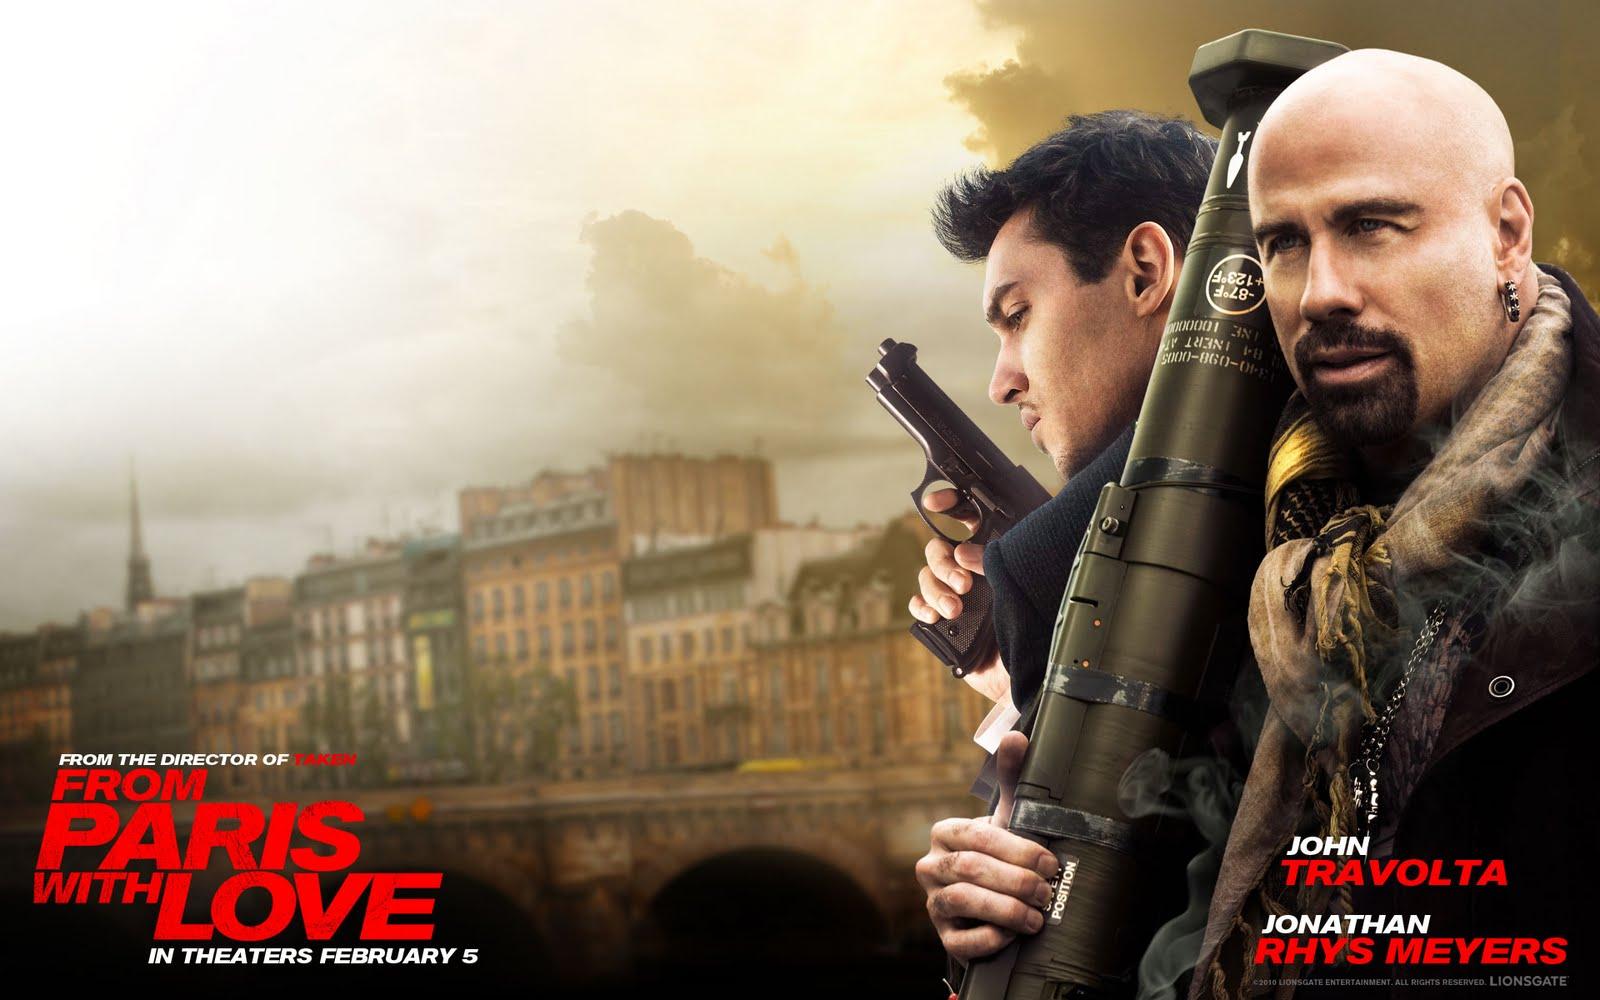 http://4.bp.blogspot.com/_2V37AQM0Sfg/TE6WlN-bTZI/AAAAAAAAAio/nd-cDrt5JcQ/s1600/From_Paris_with_Love,_2010,_John_Travolta,_Jonathan_Rhys_Meyers,_Kasia_Smutniak.jpg